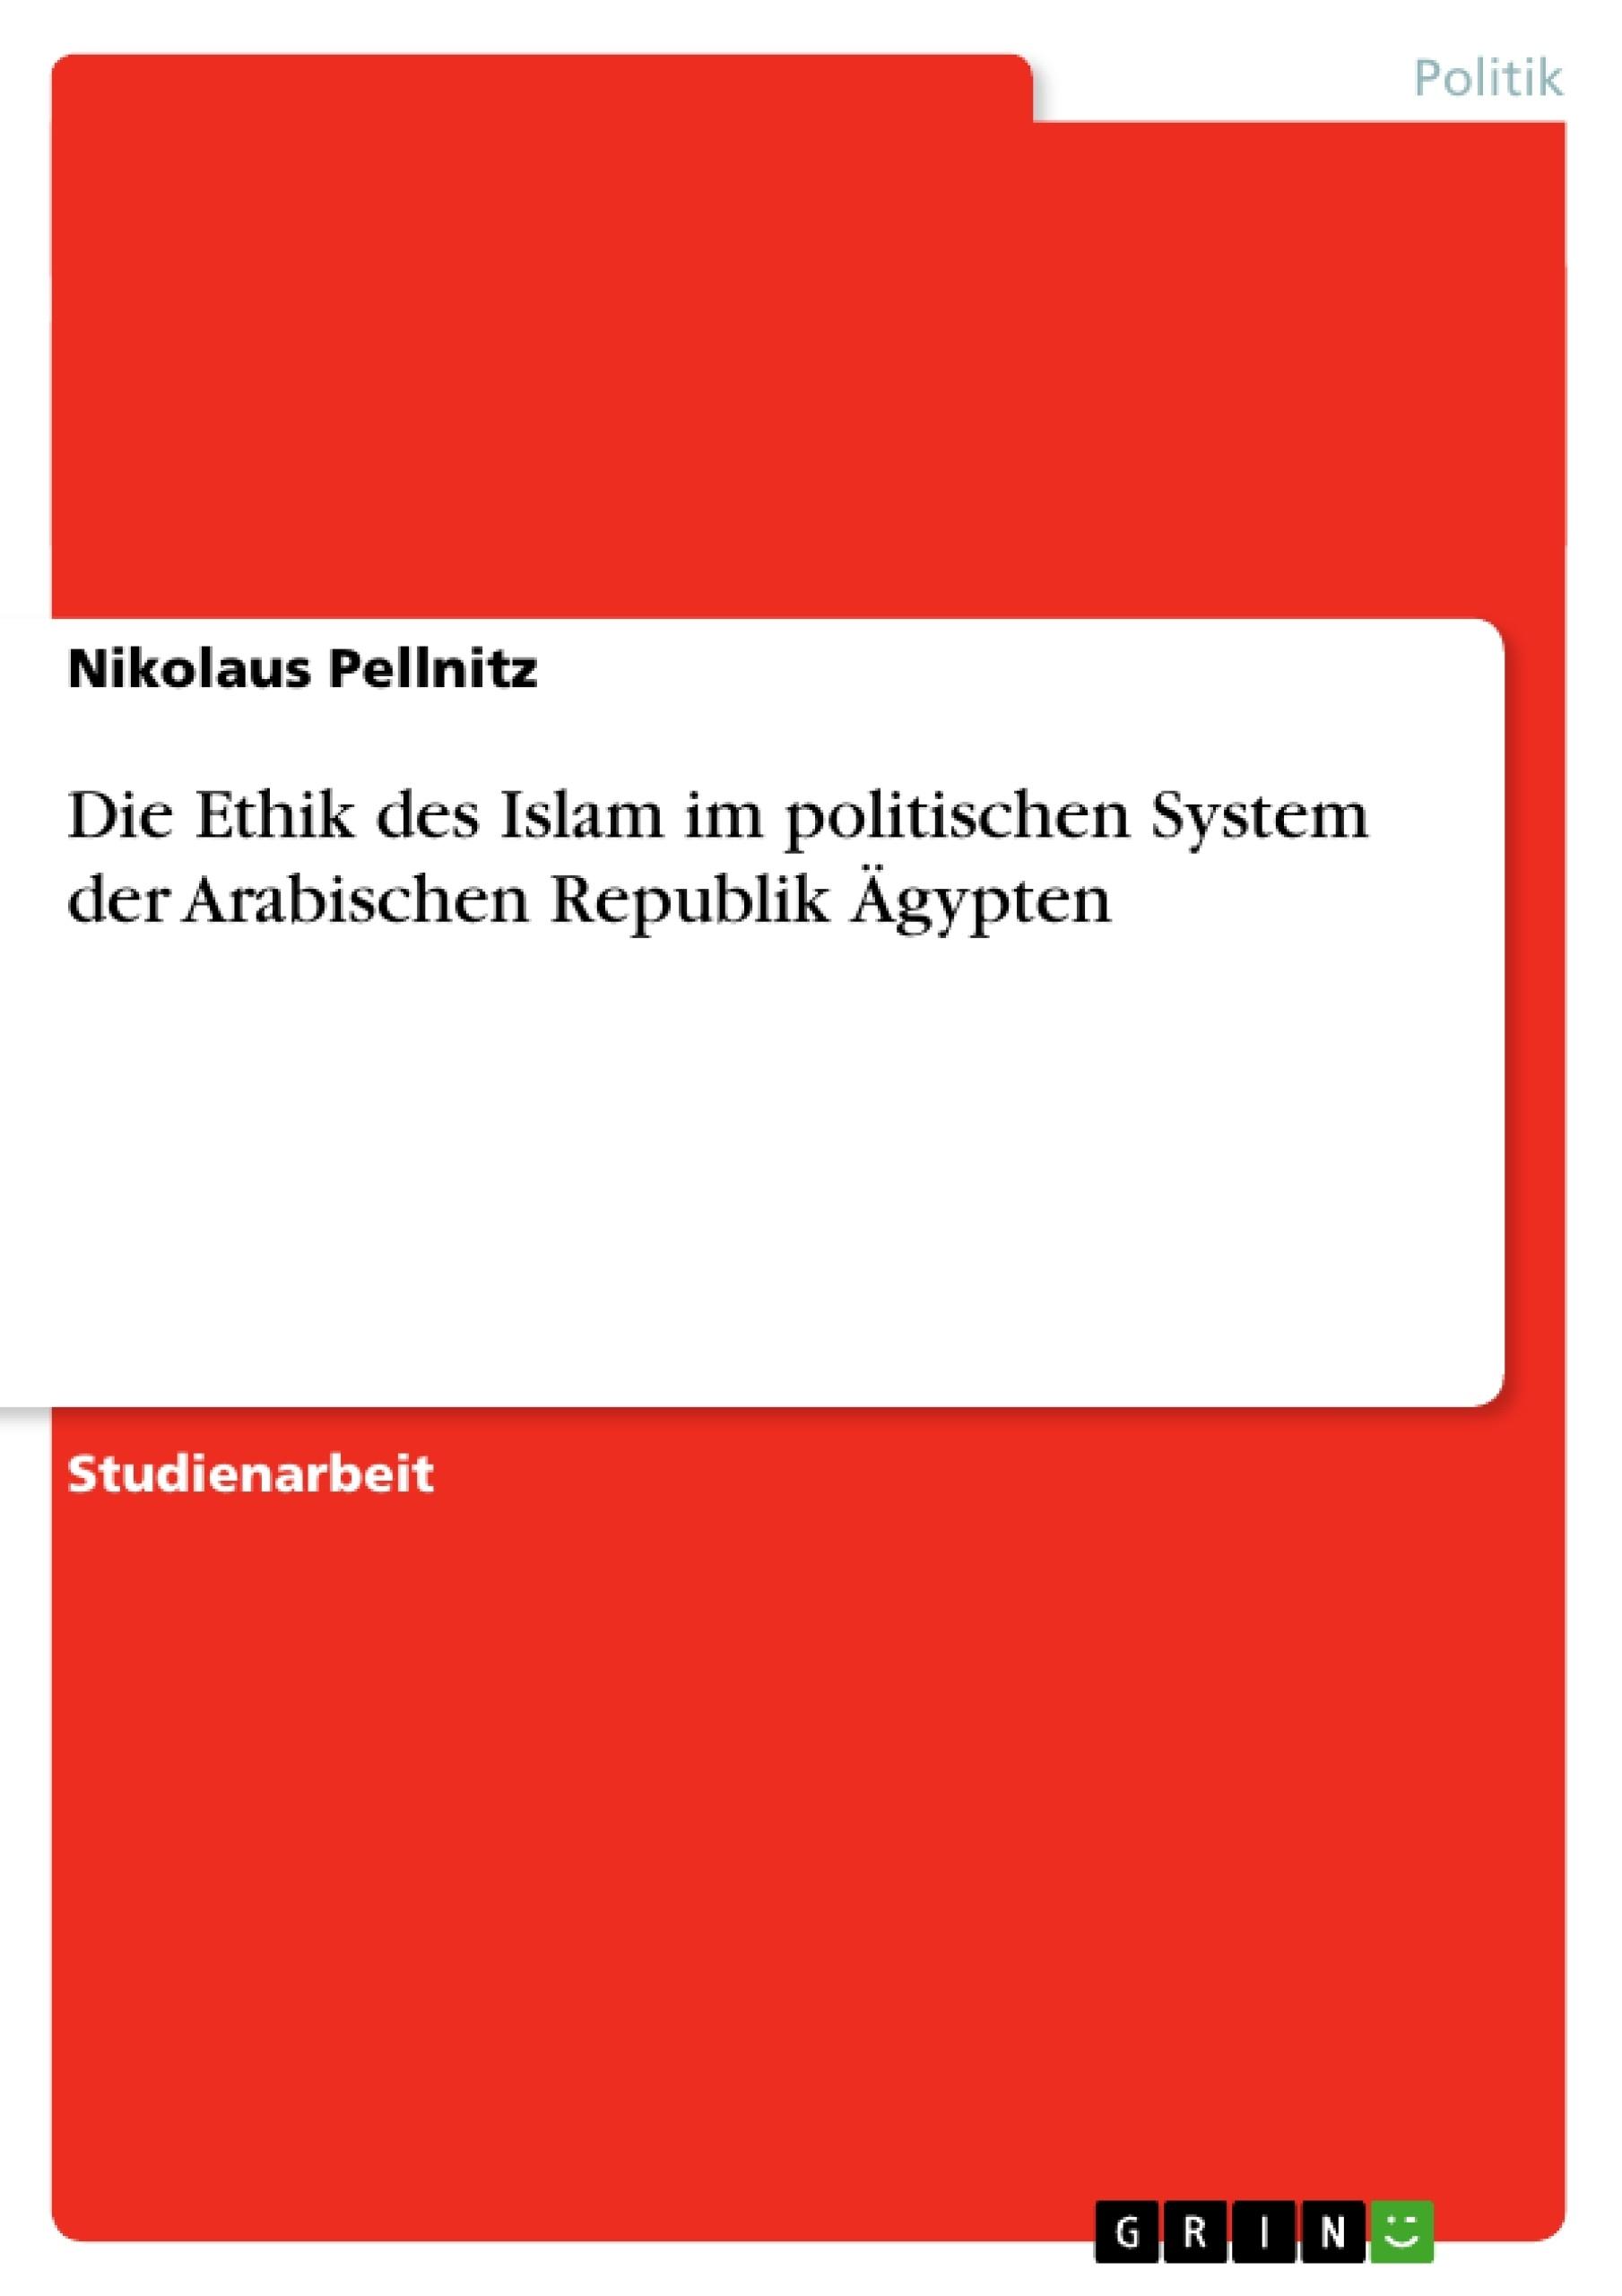 Titel: Die Ethik des Islam im politischen System der Arabischen Republik Ägypten